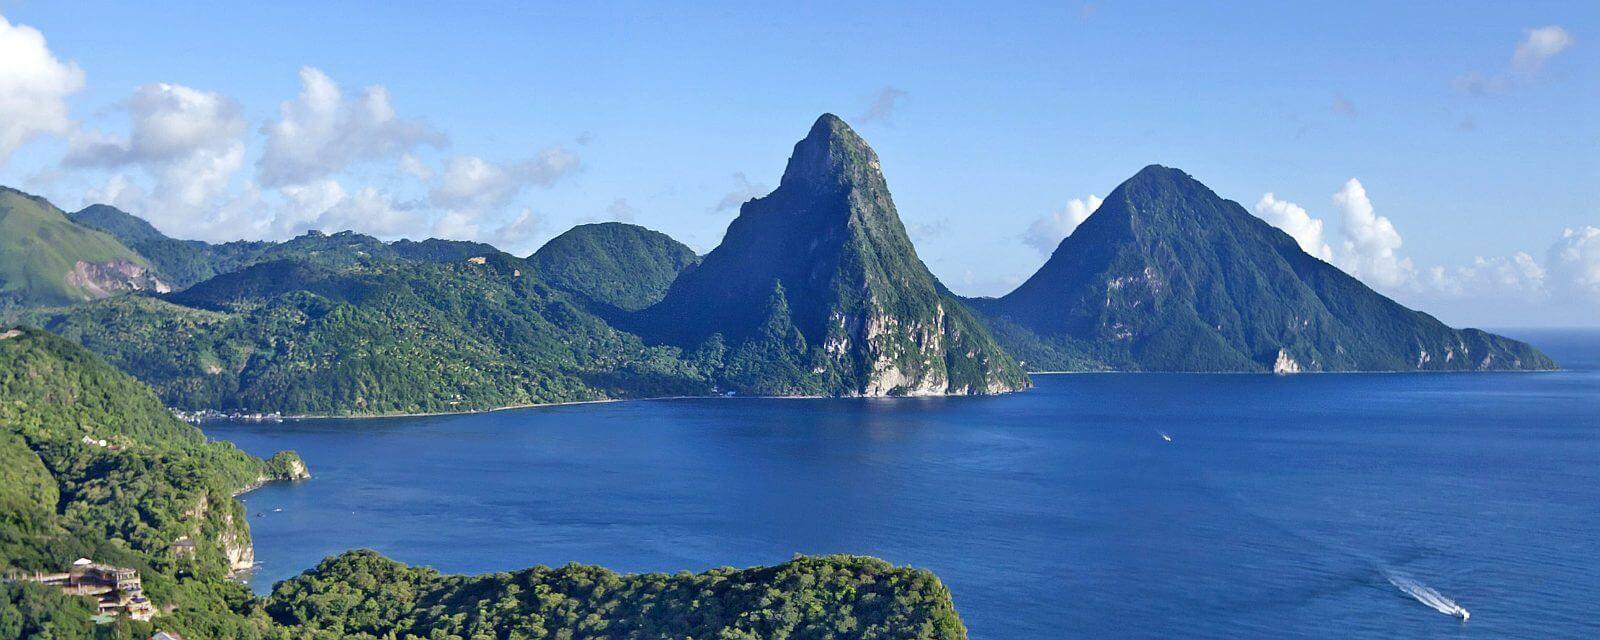 Bildergebnis für St Lucia